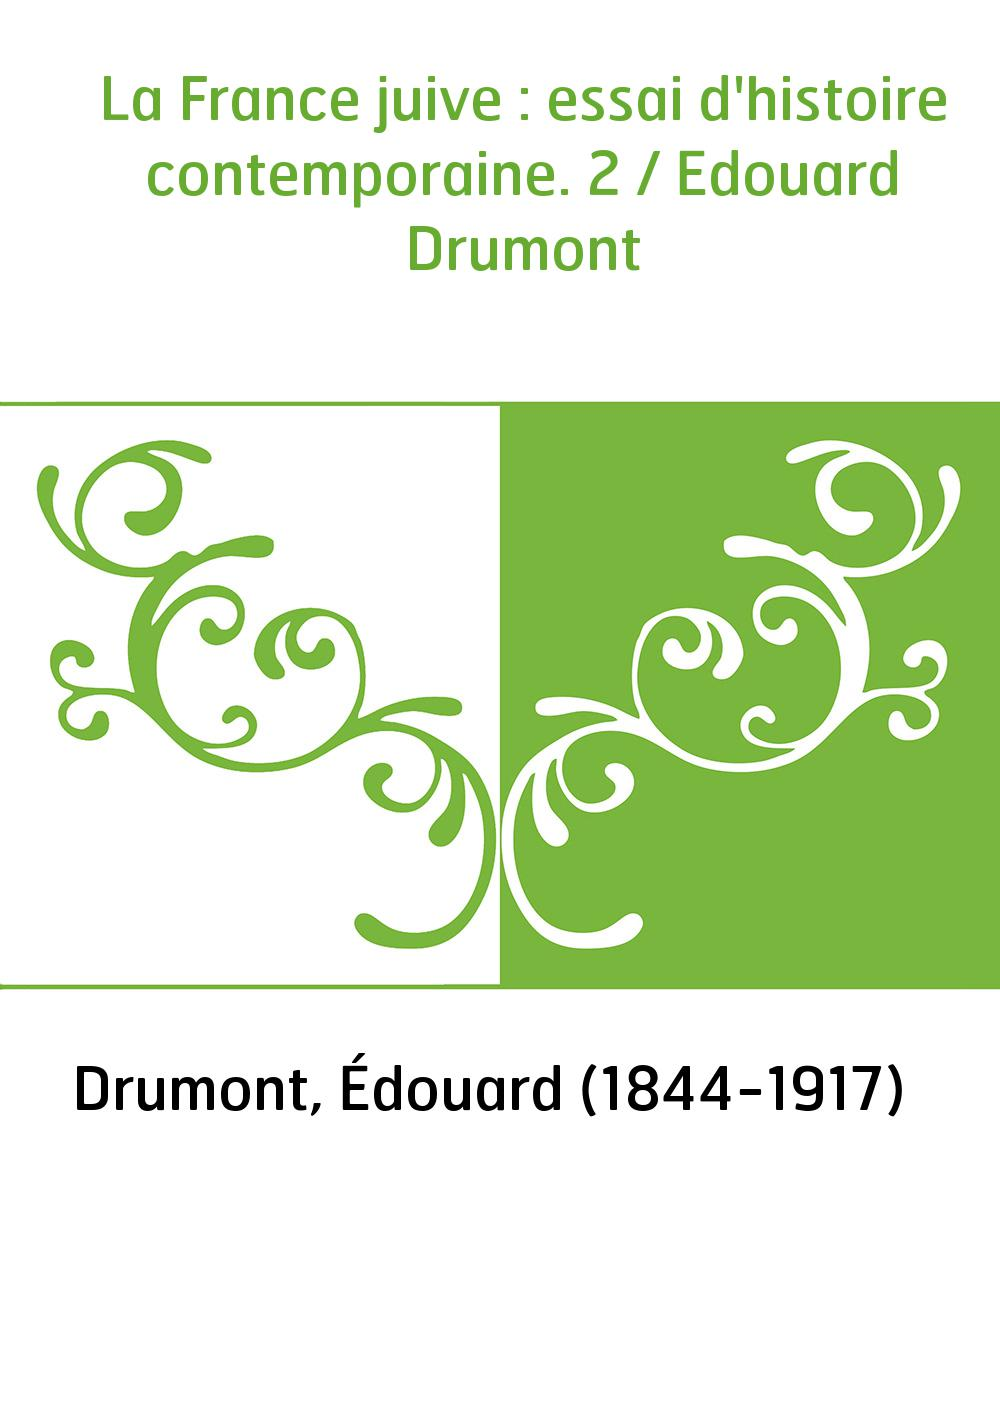 La France juive : essai d'histoire contemporaine. 2 / Edouard Drumont